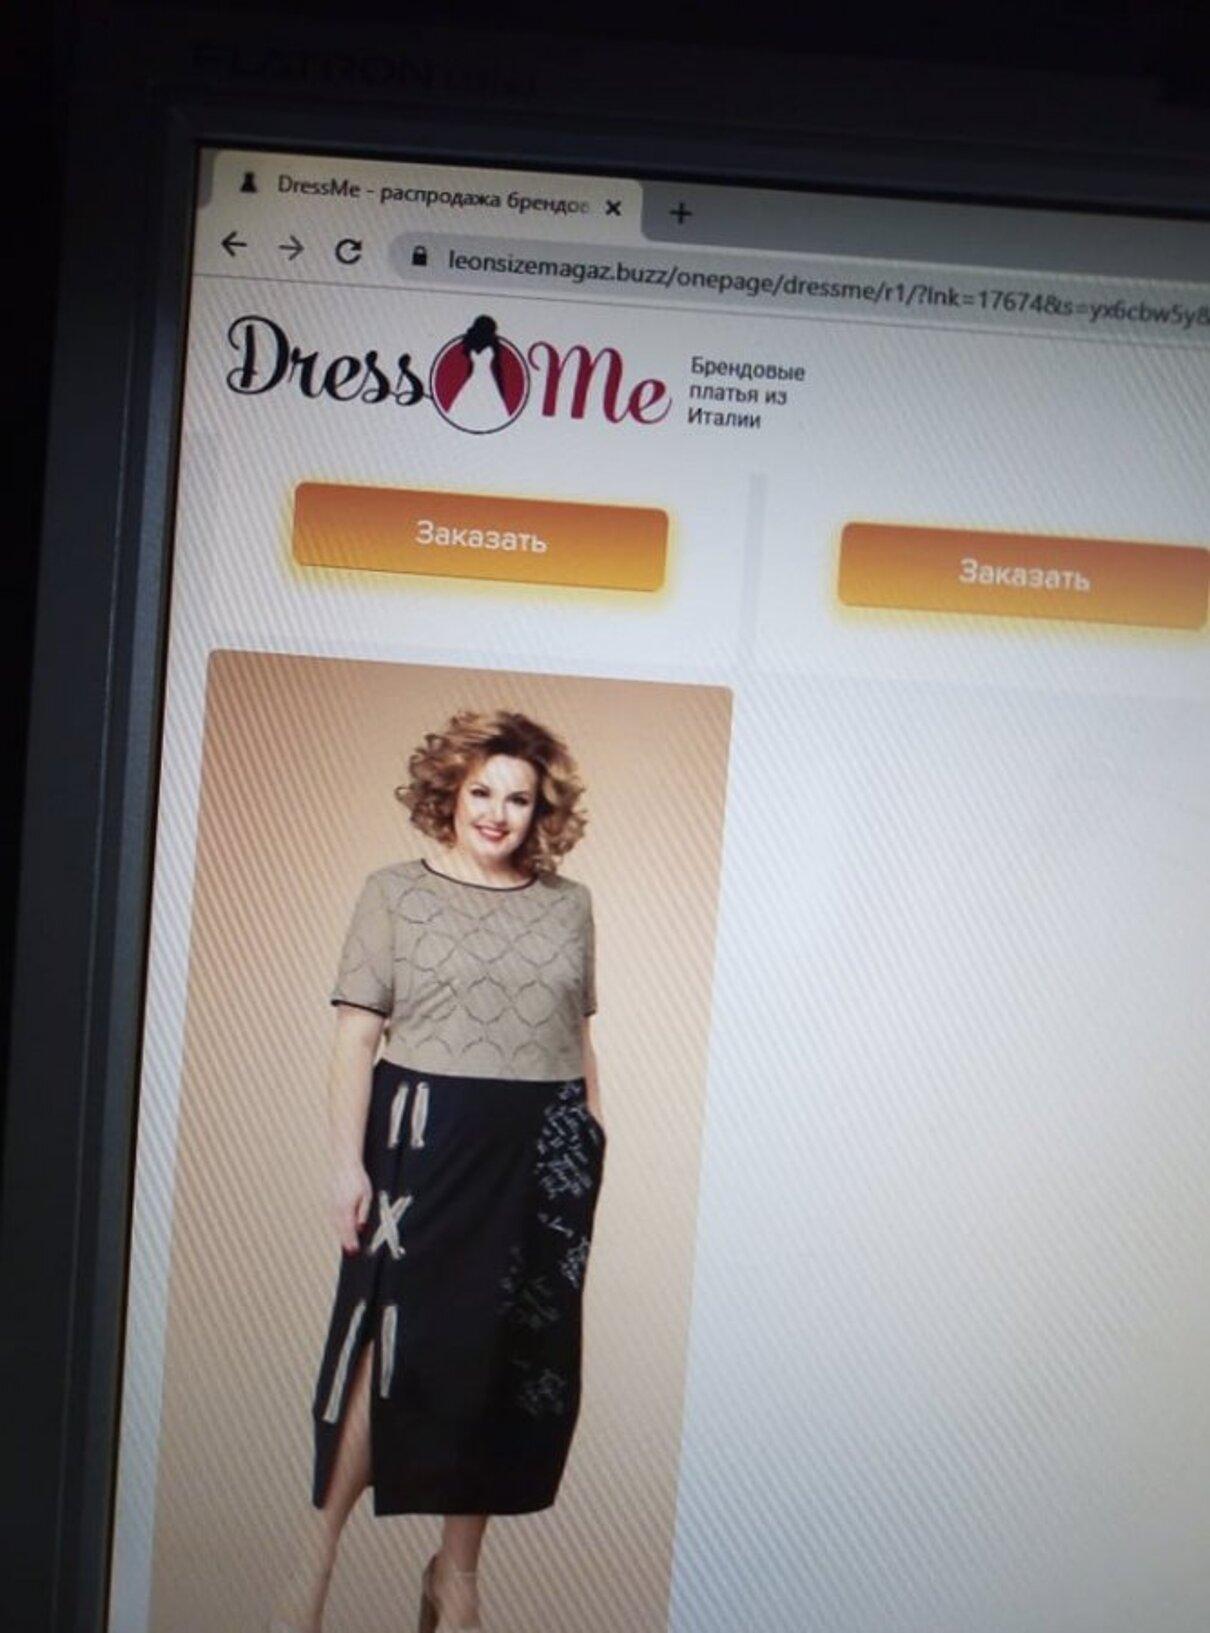 Жалоба-отзыв: Сайт Dress Me Брендовые платья из Италии - Заказ платья.  Фото №1